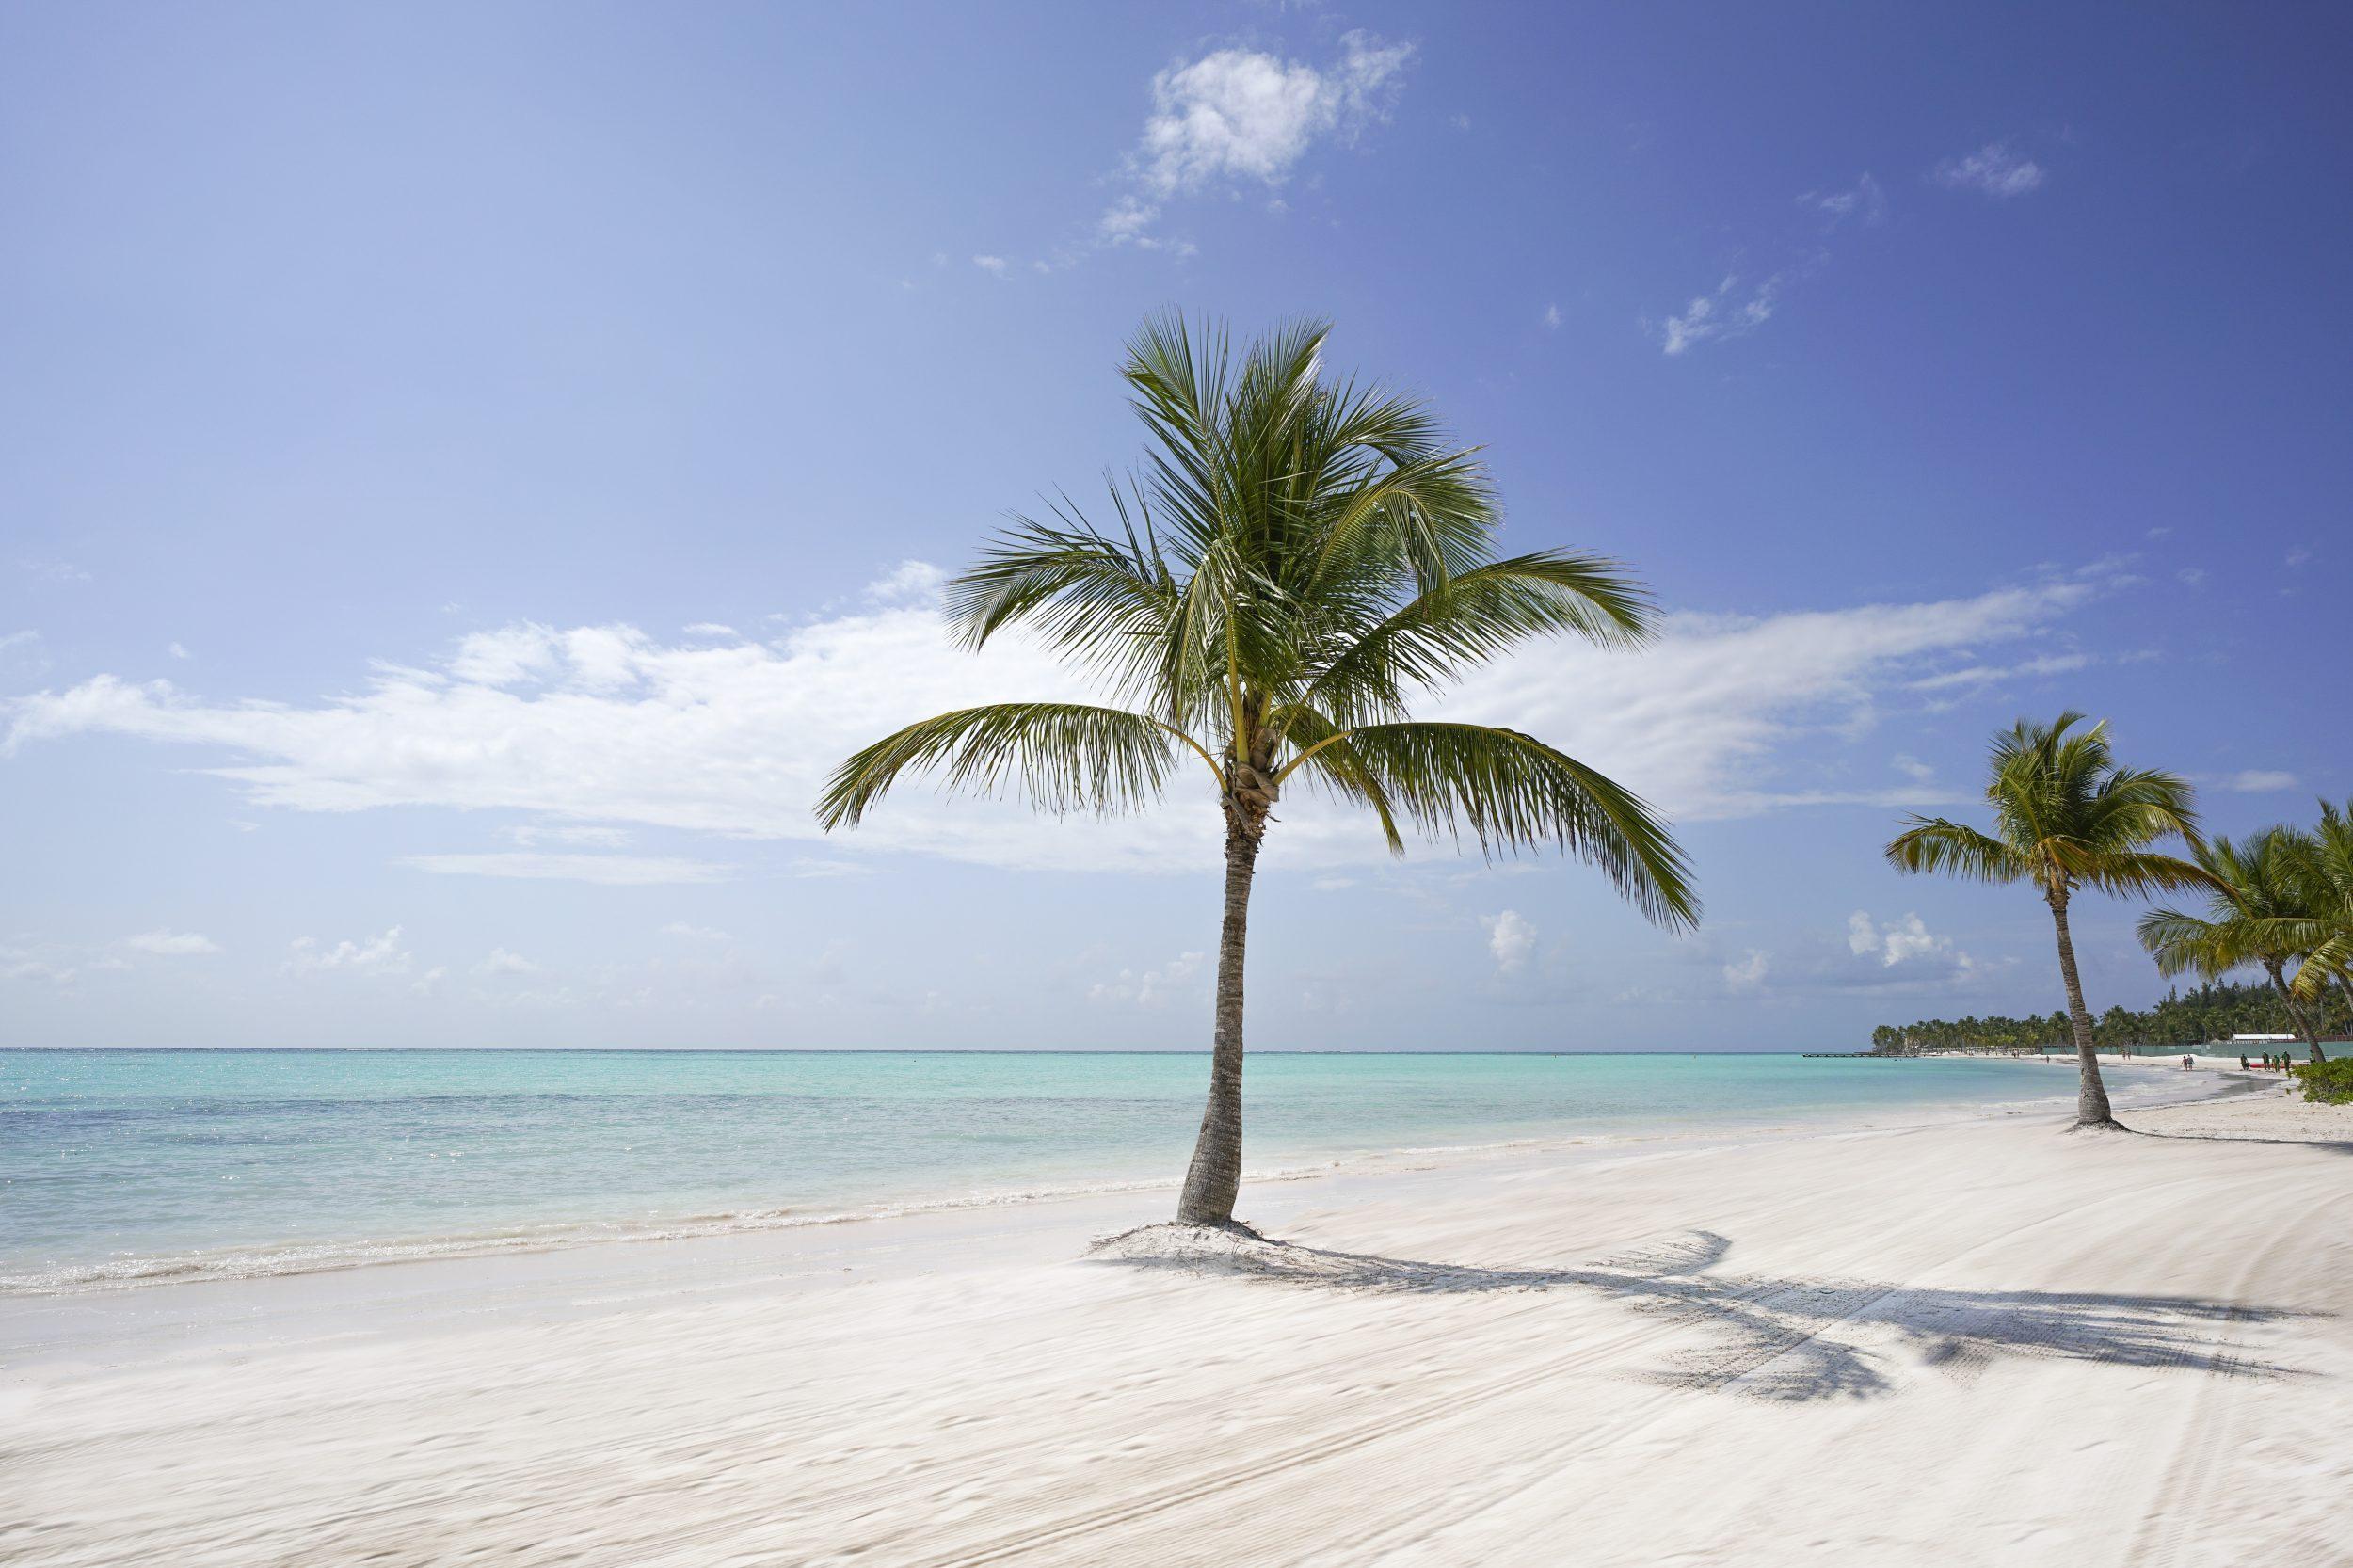 Vuelos baratos a Punta Cana desde Buenos Aires por ARS 19.933 finales